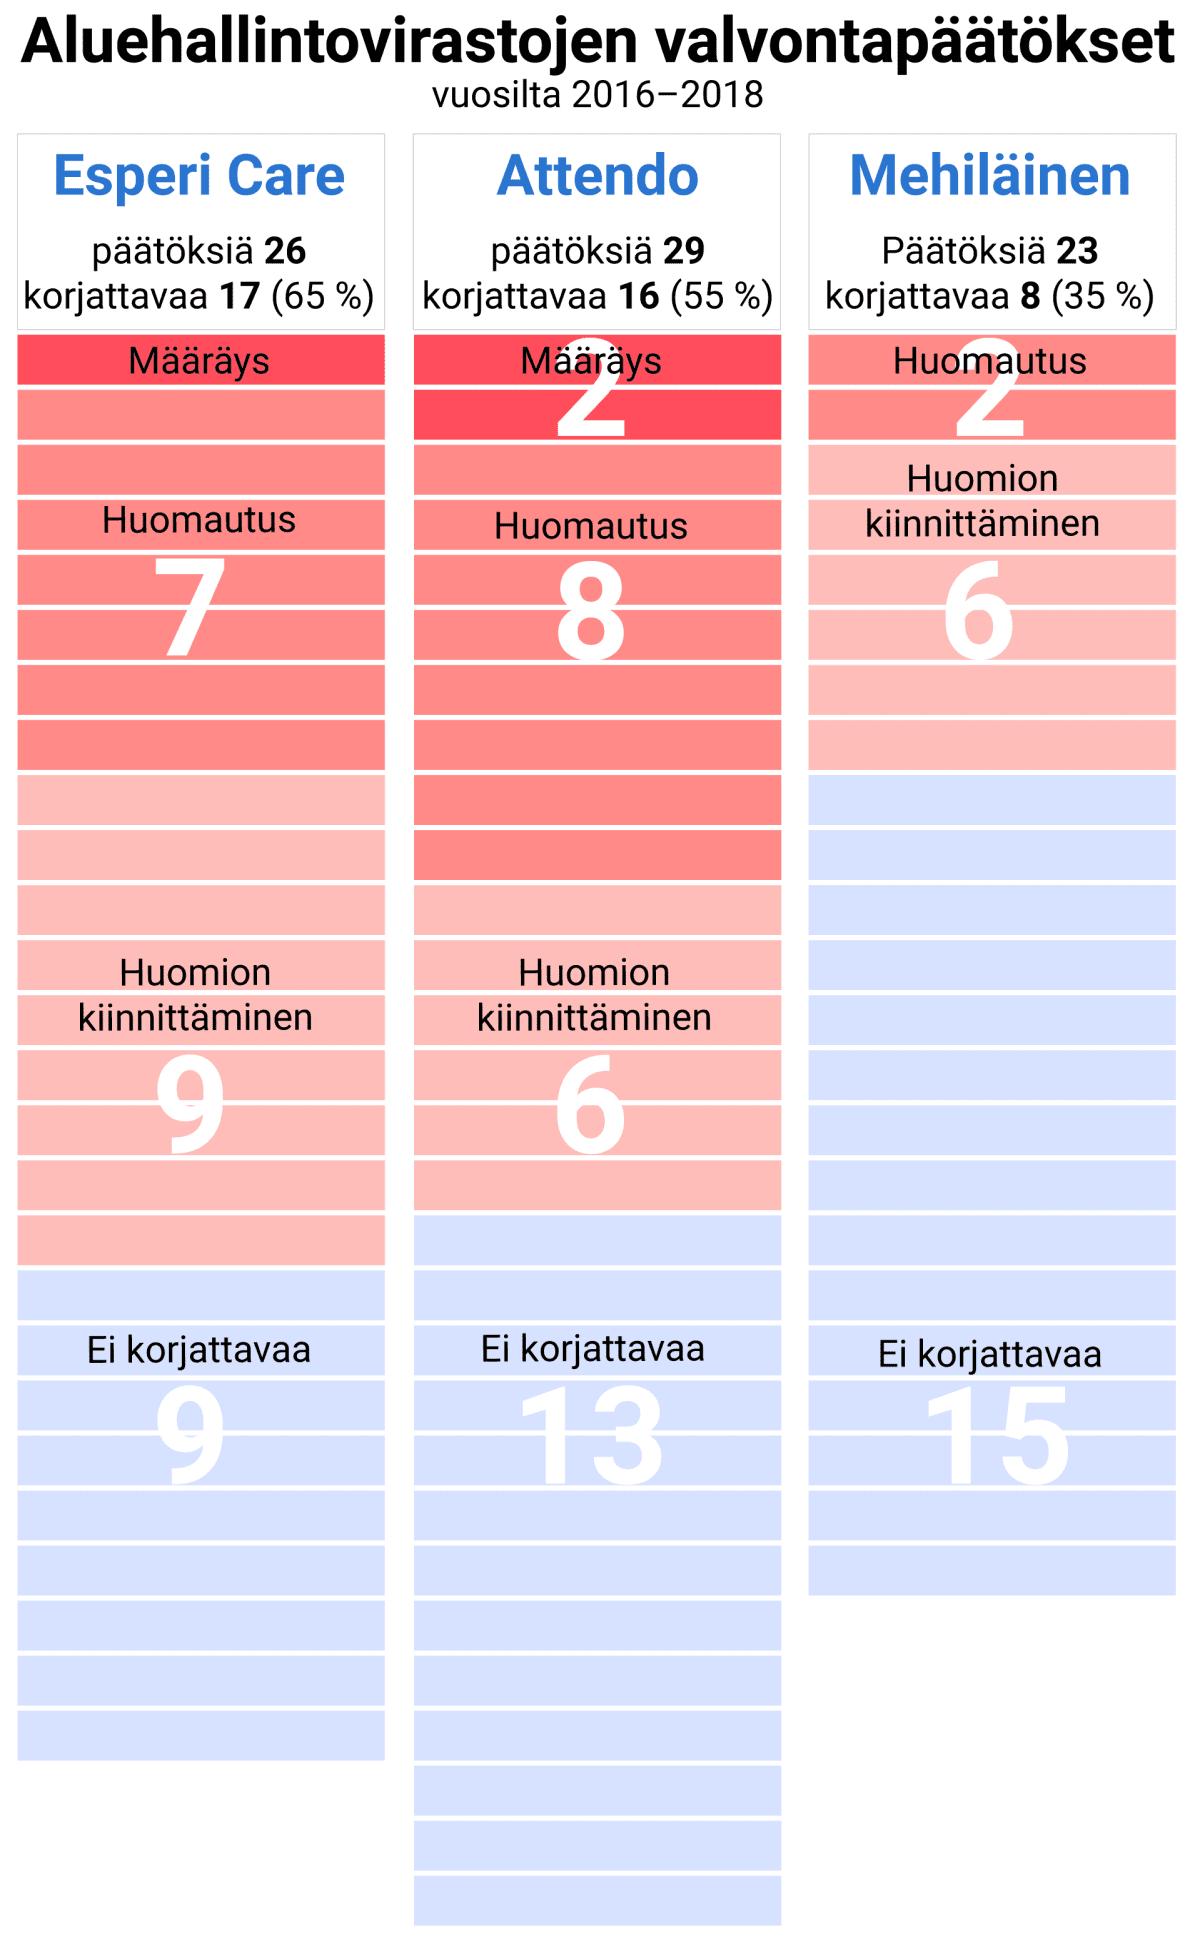 Aluehallintovirastojen valvontapäätökset vuosilta 2016–2018